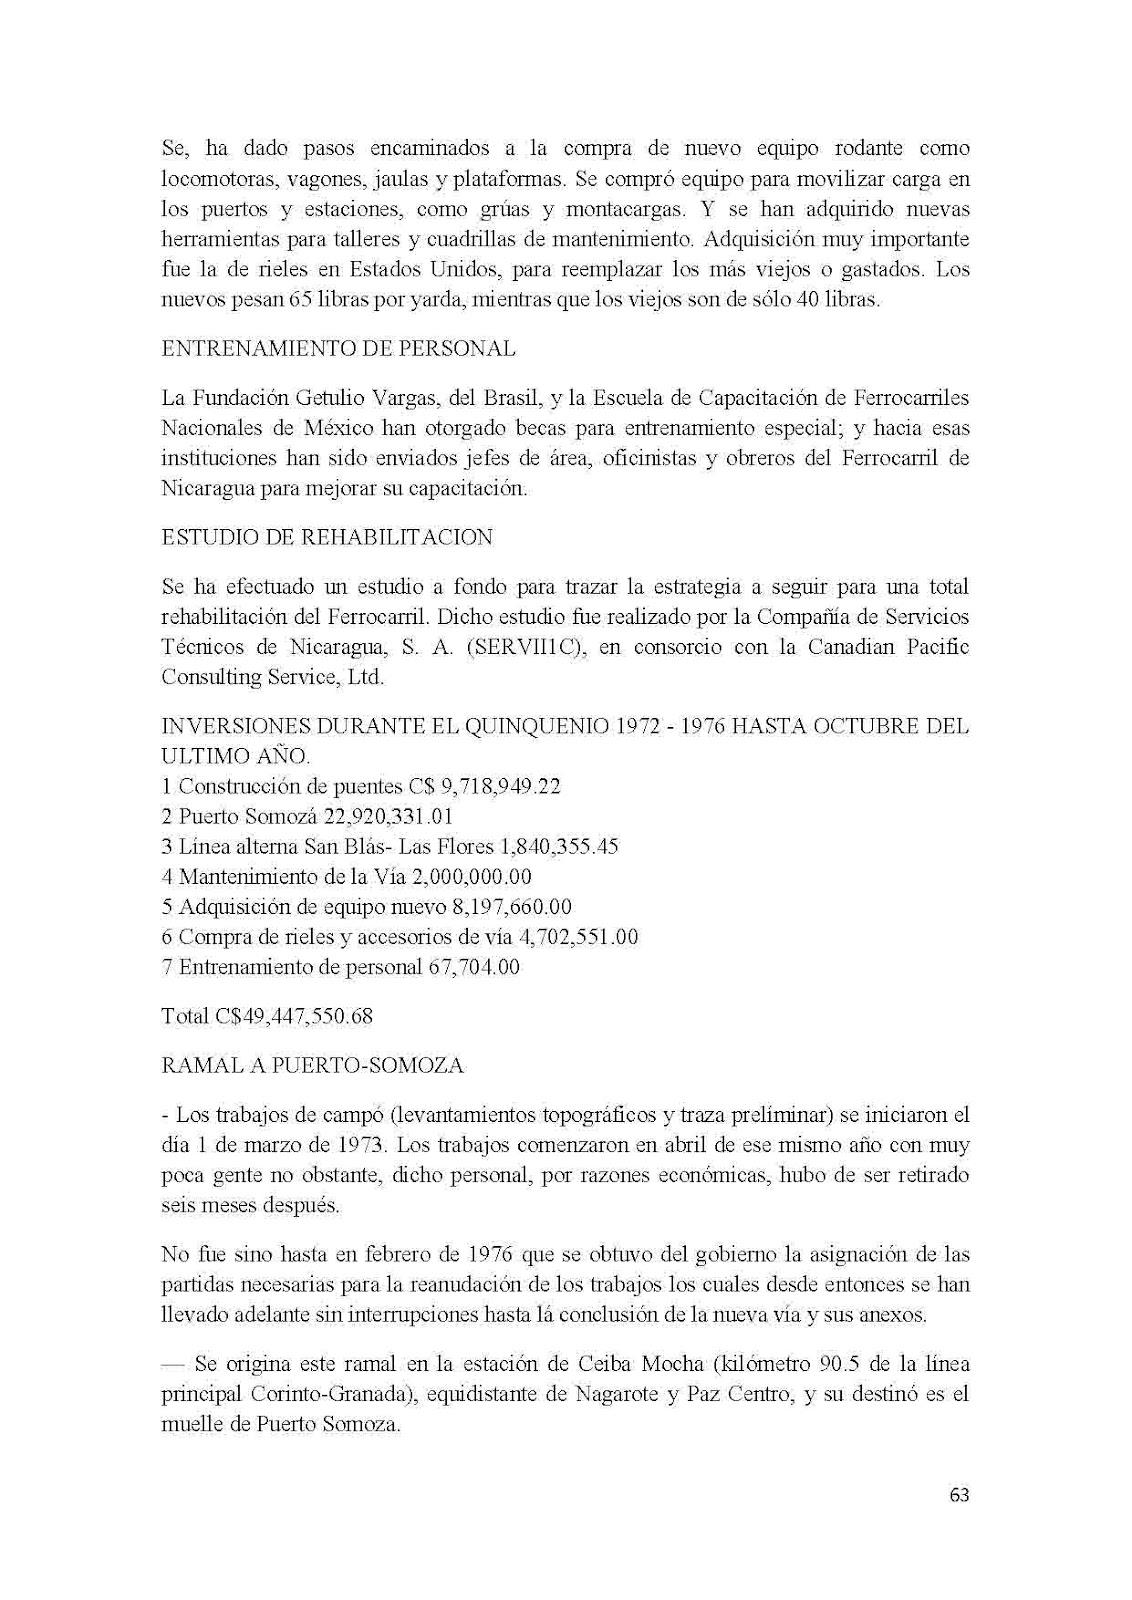 HISTORIA DE LA INGENIERÍA CIVIL EN NICARAGUA TOMO SEGUNDO